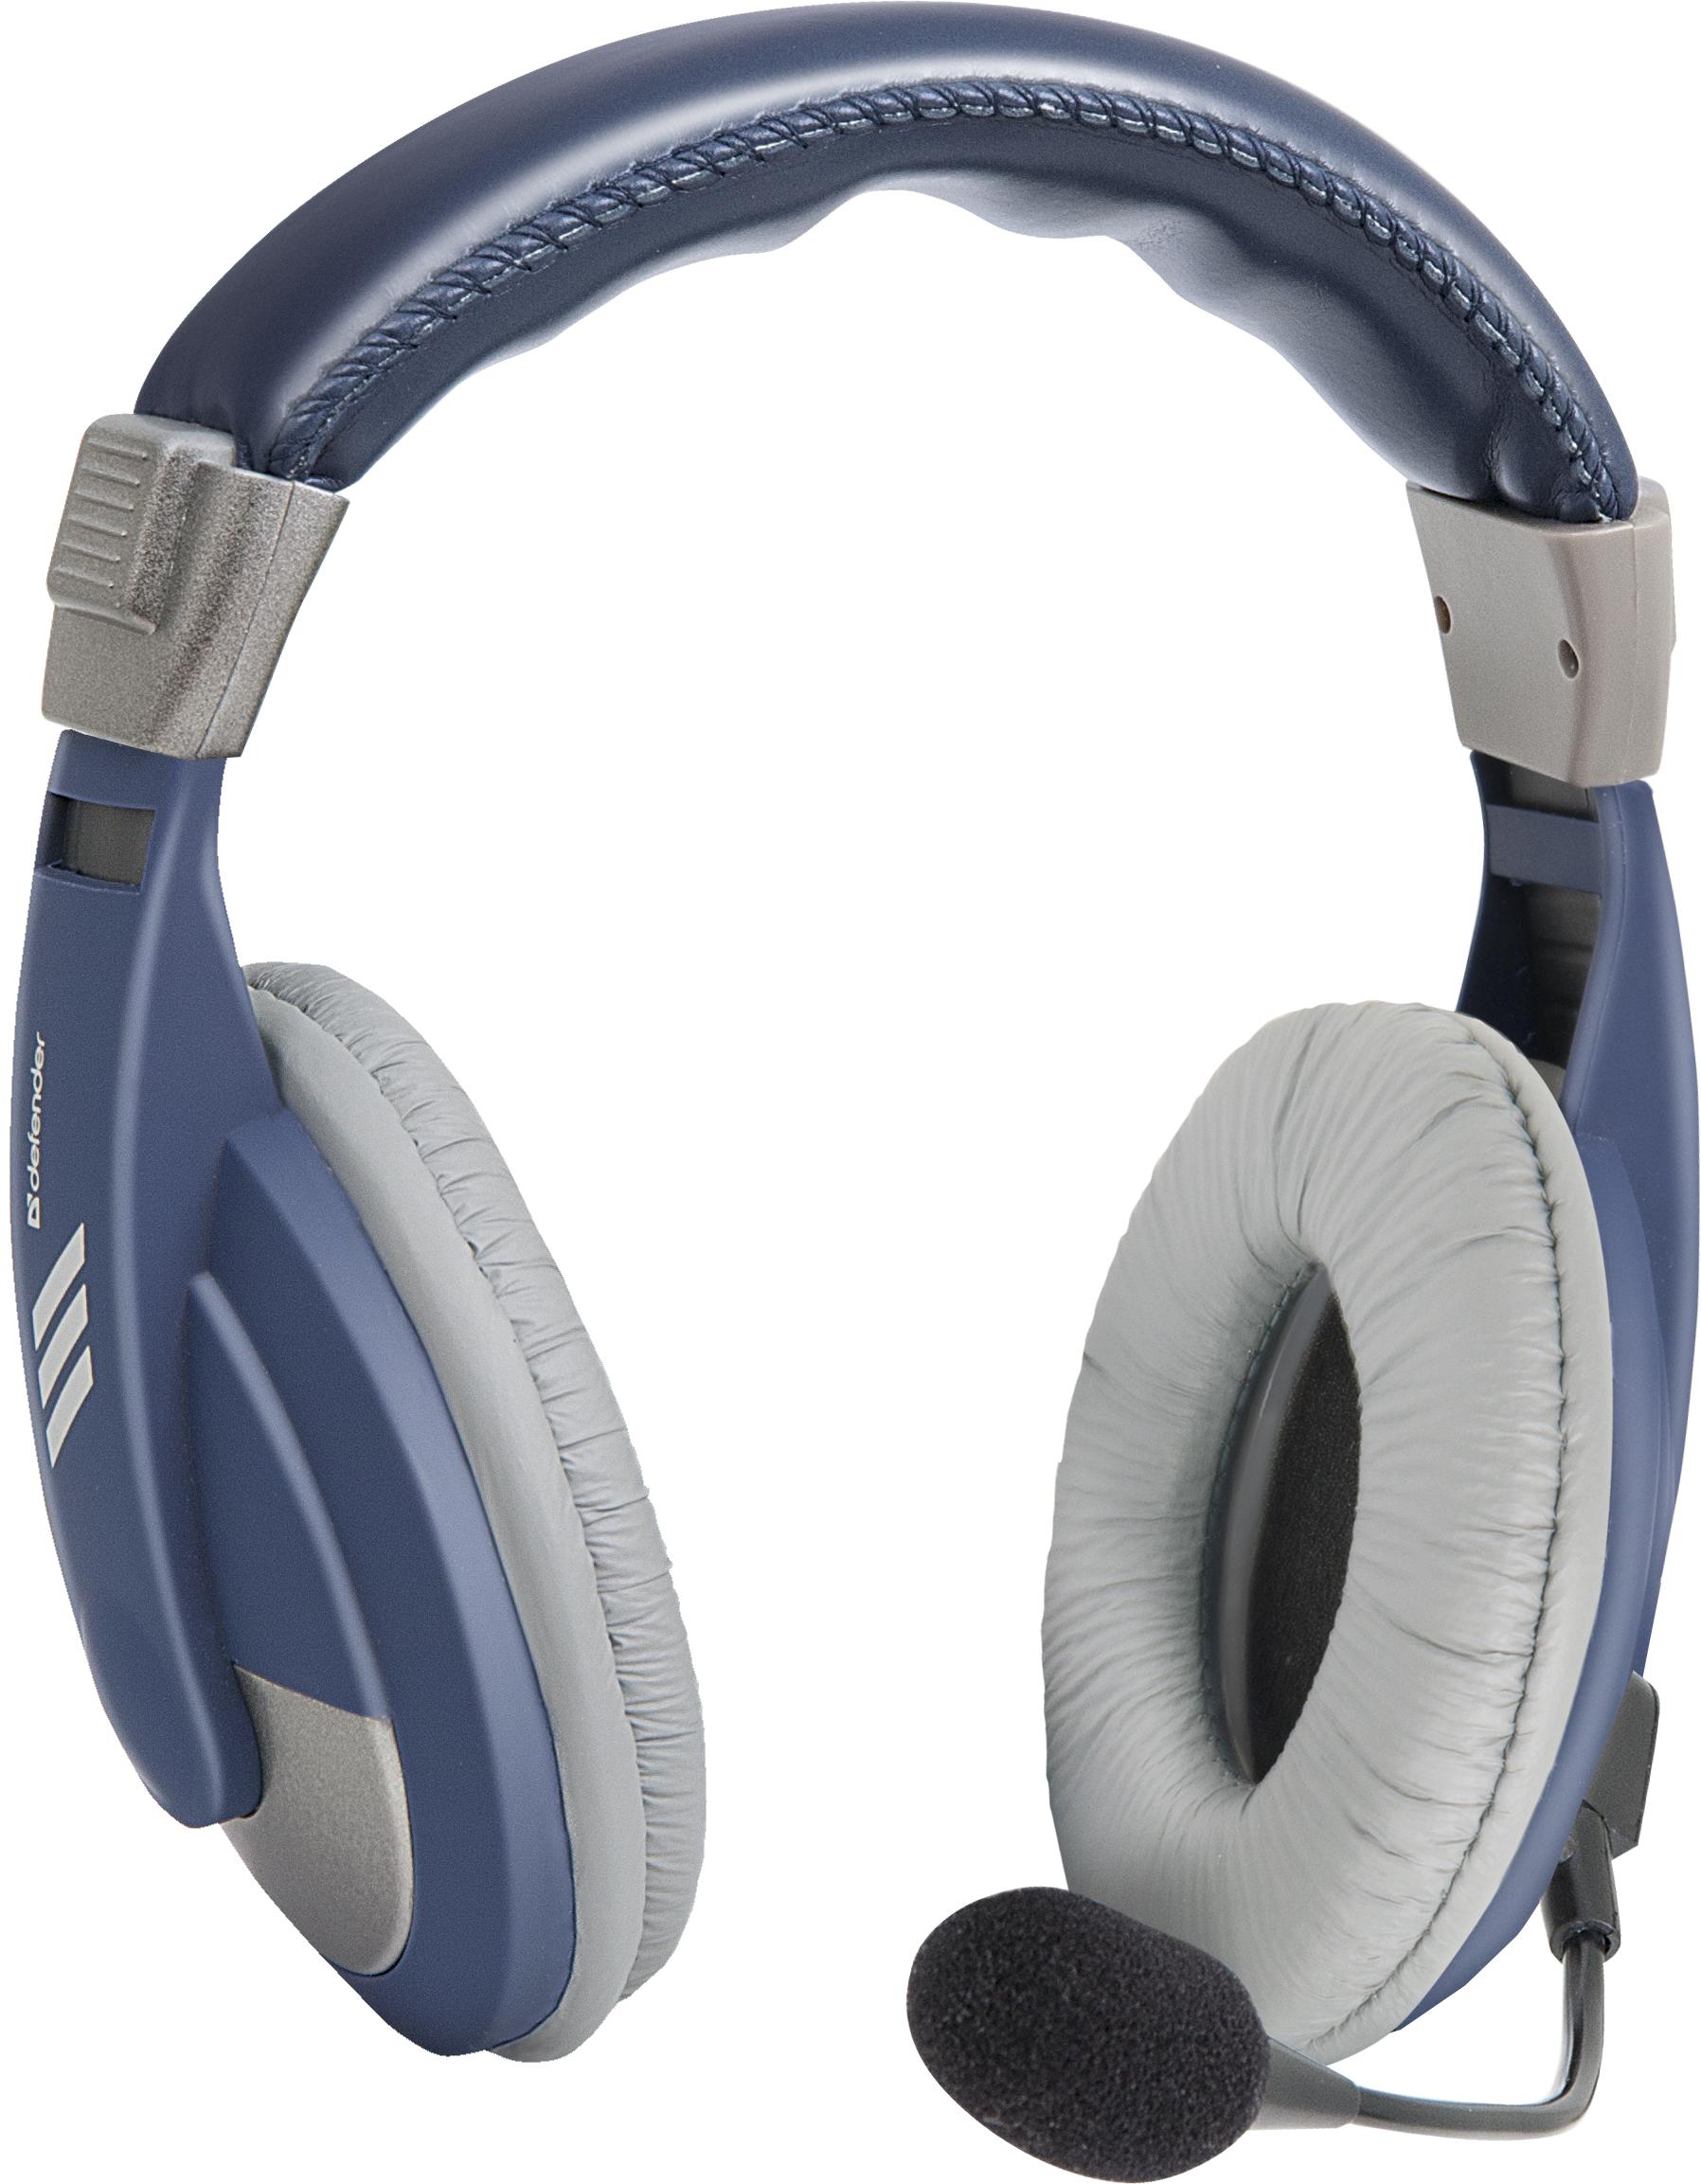 Компьютерная гарнитура Defender Gryphon 750, 63748, синий цены